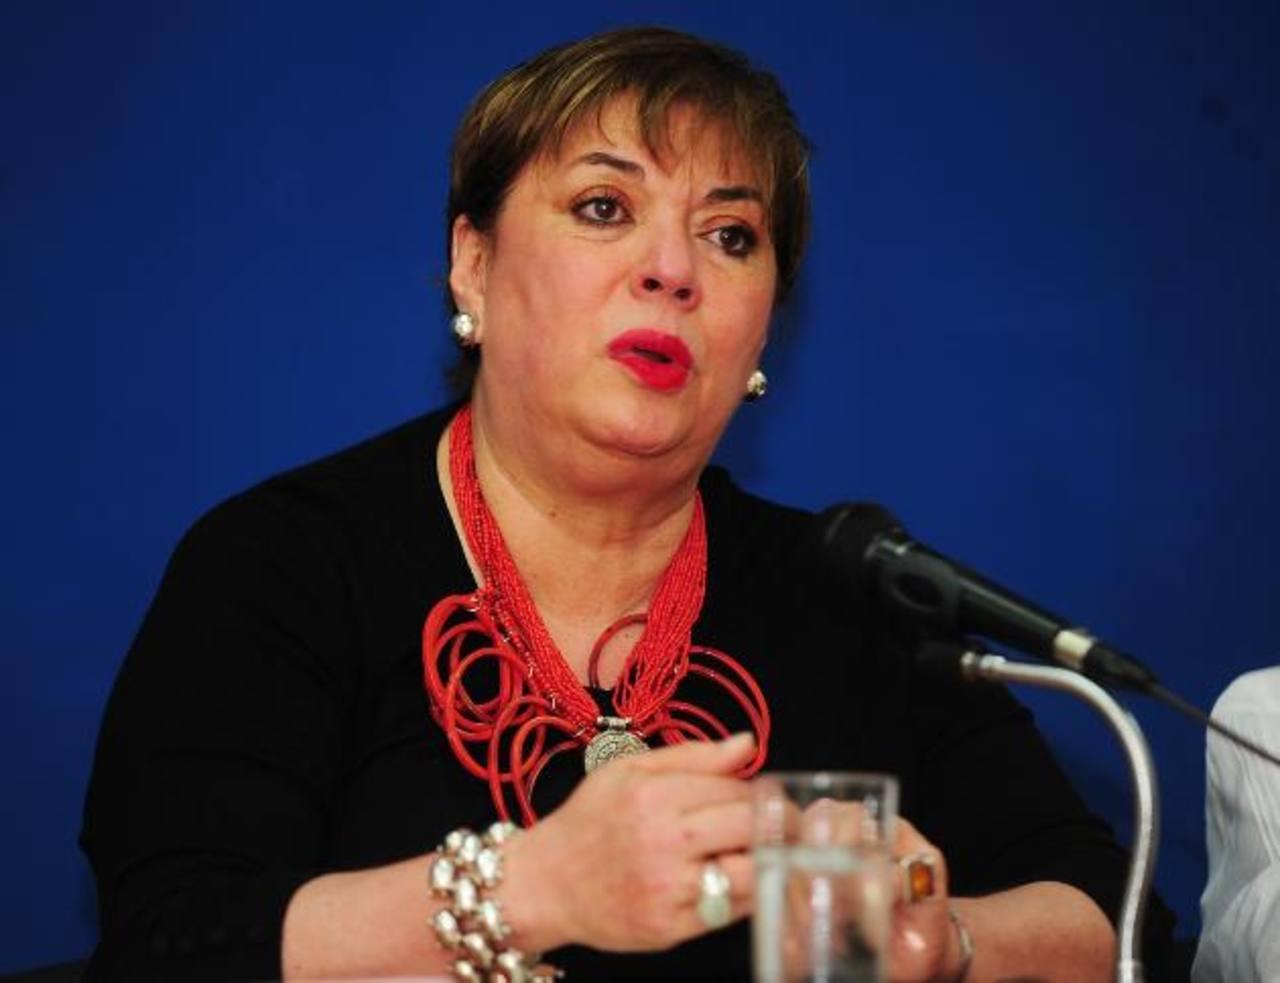 Titular de Cultura, Ana Magdalena Granadino